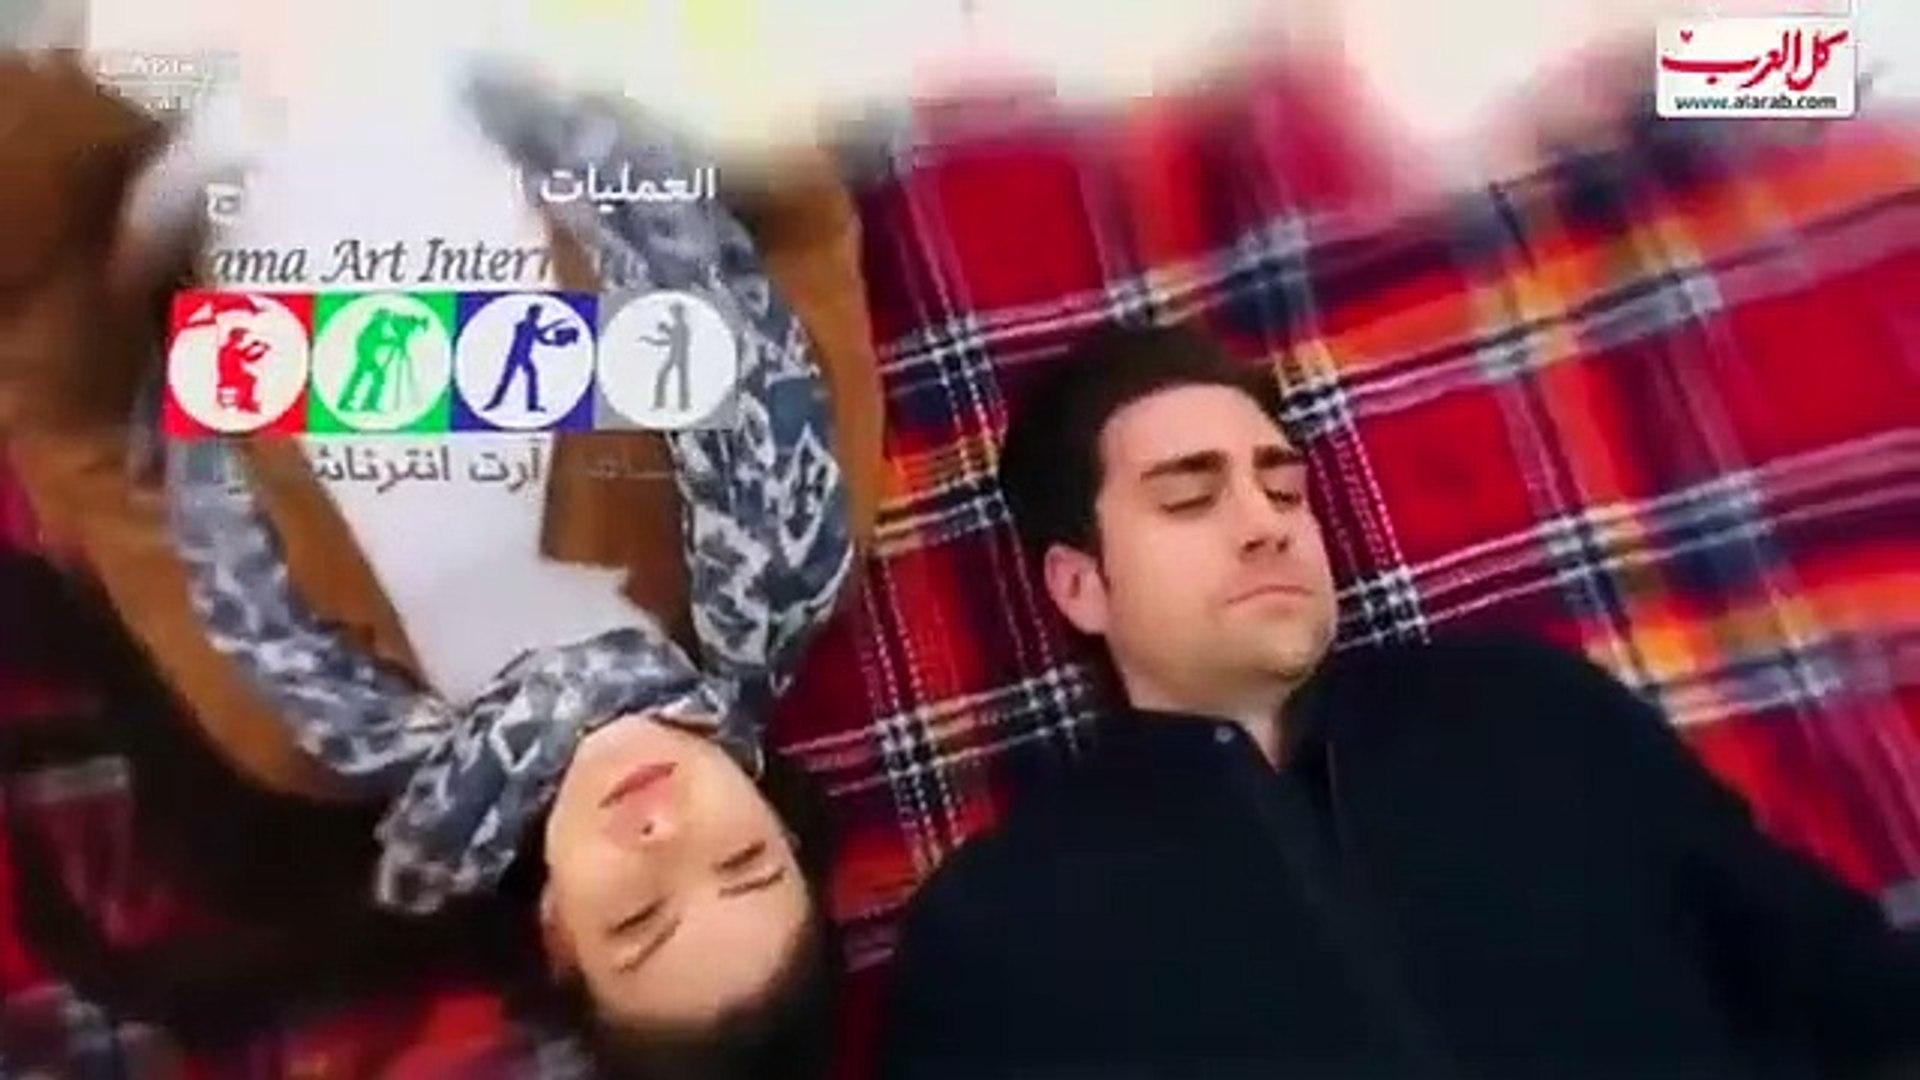 مسلسل فضيلة خانم وبناتها الموسم الثاني الحلقة 14 مدبلج Video Dailymotion